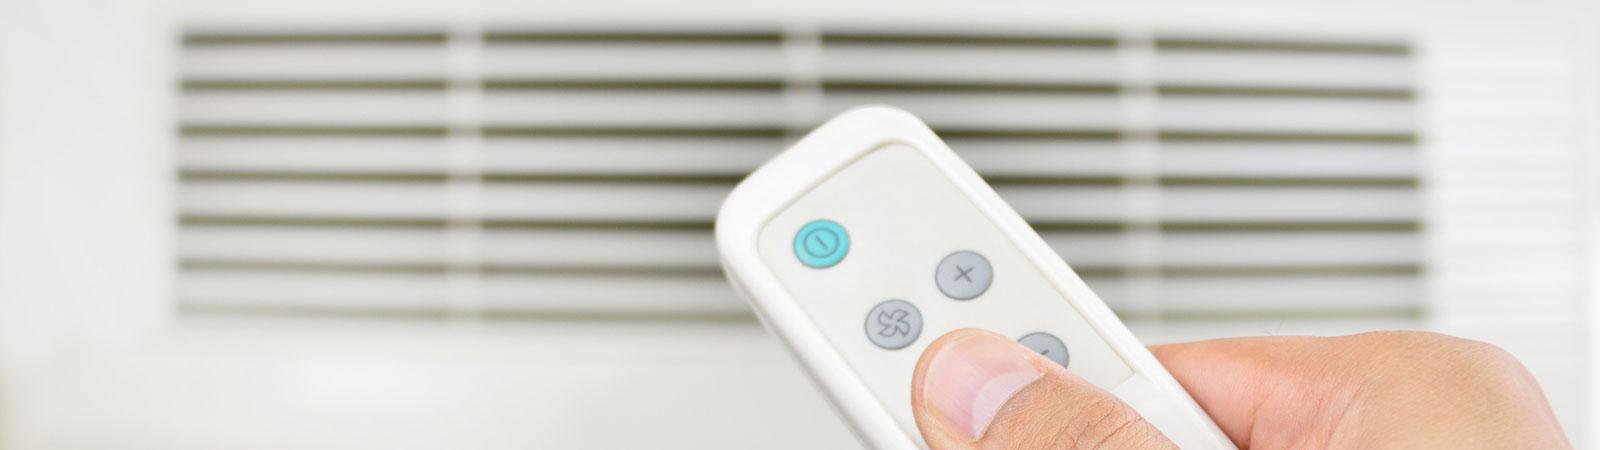 Klimaanlage kaufen: Optimale Lösungen für den individuellen Wohnkomfort